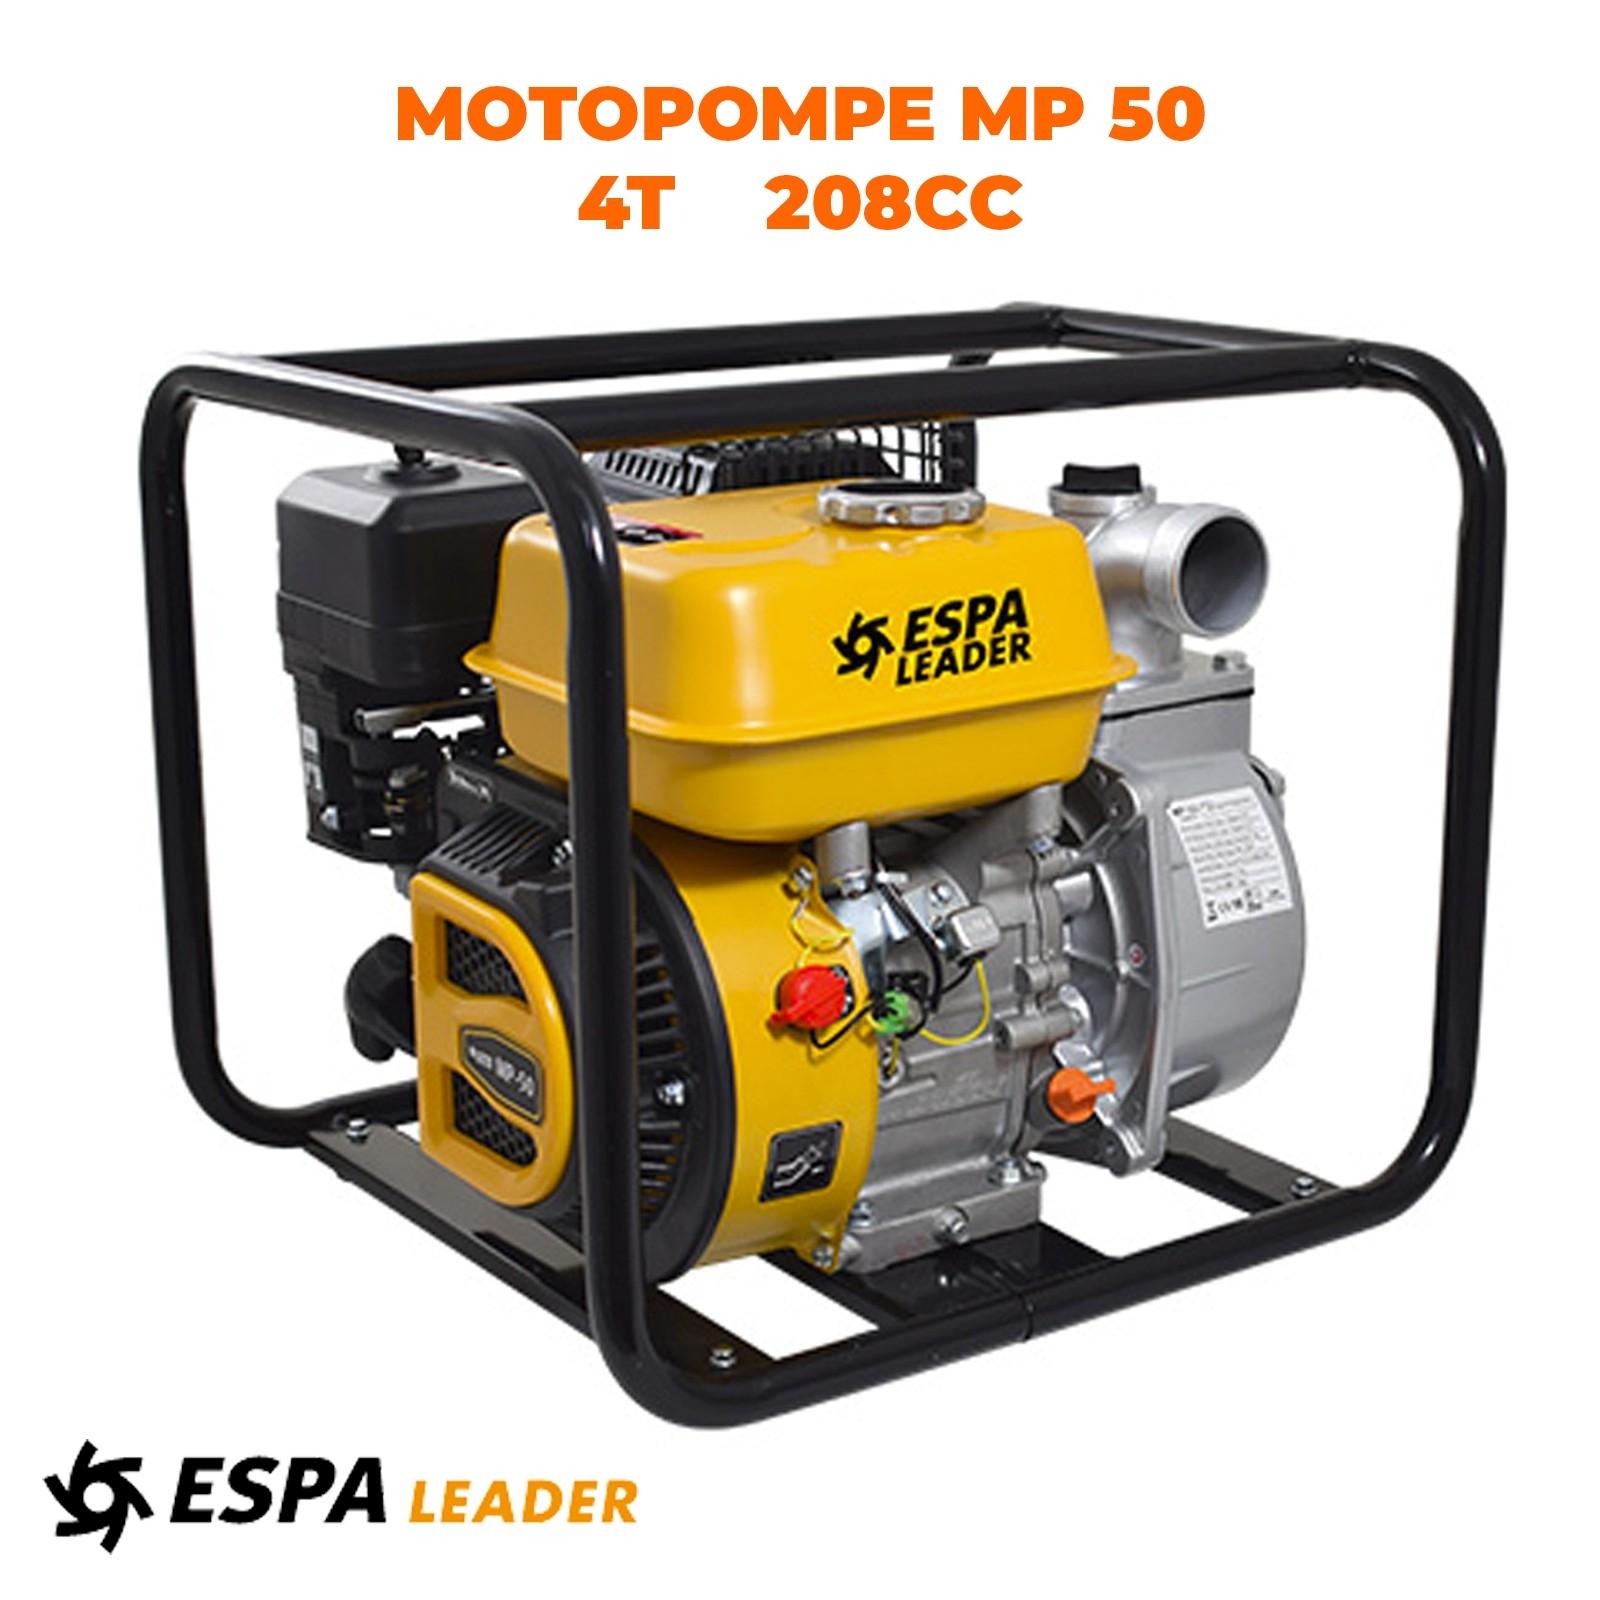 ESPA LEADER MOTOPOMPE MP-50